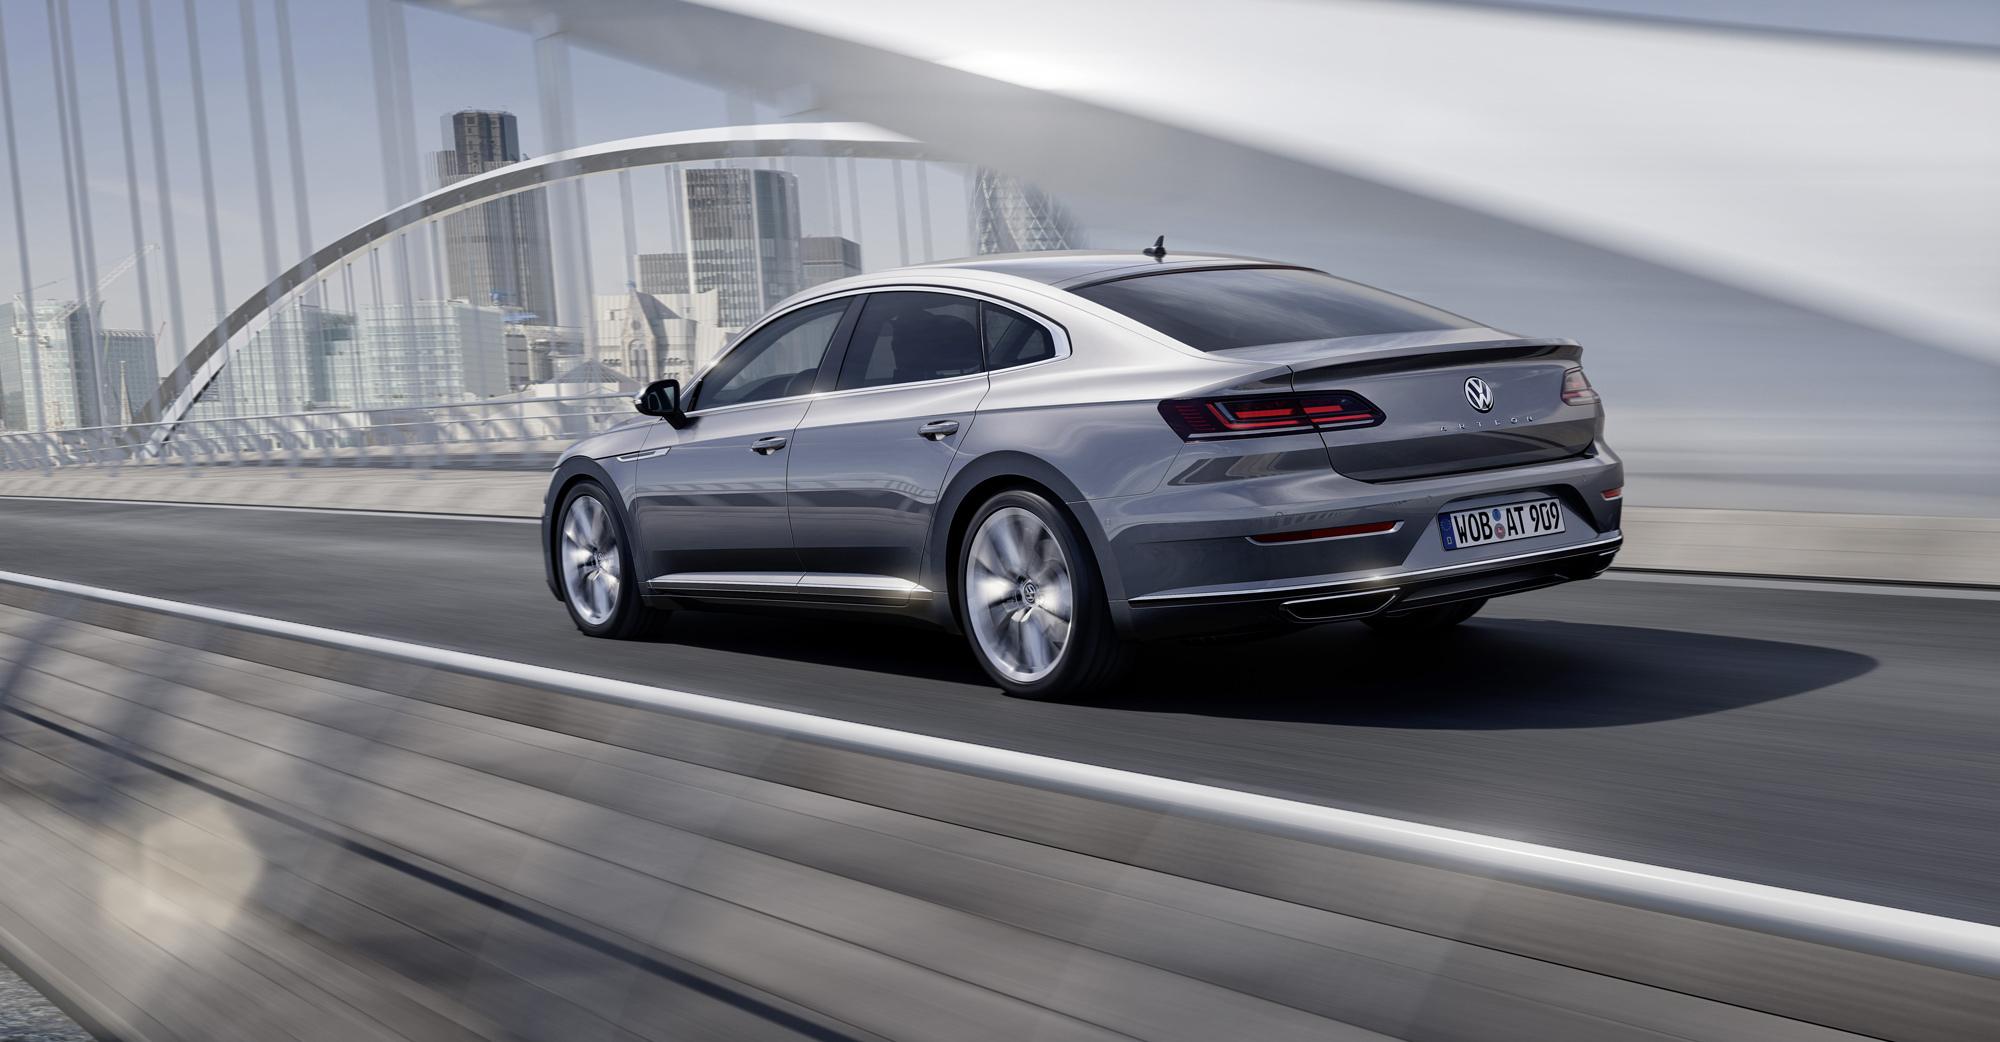 Volkswagen Arteon HD Background